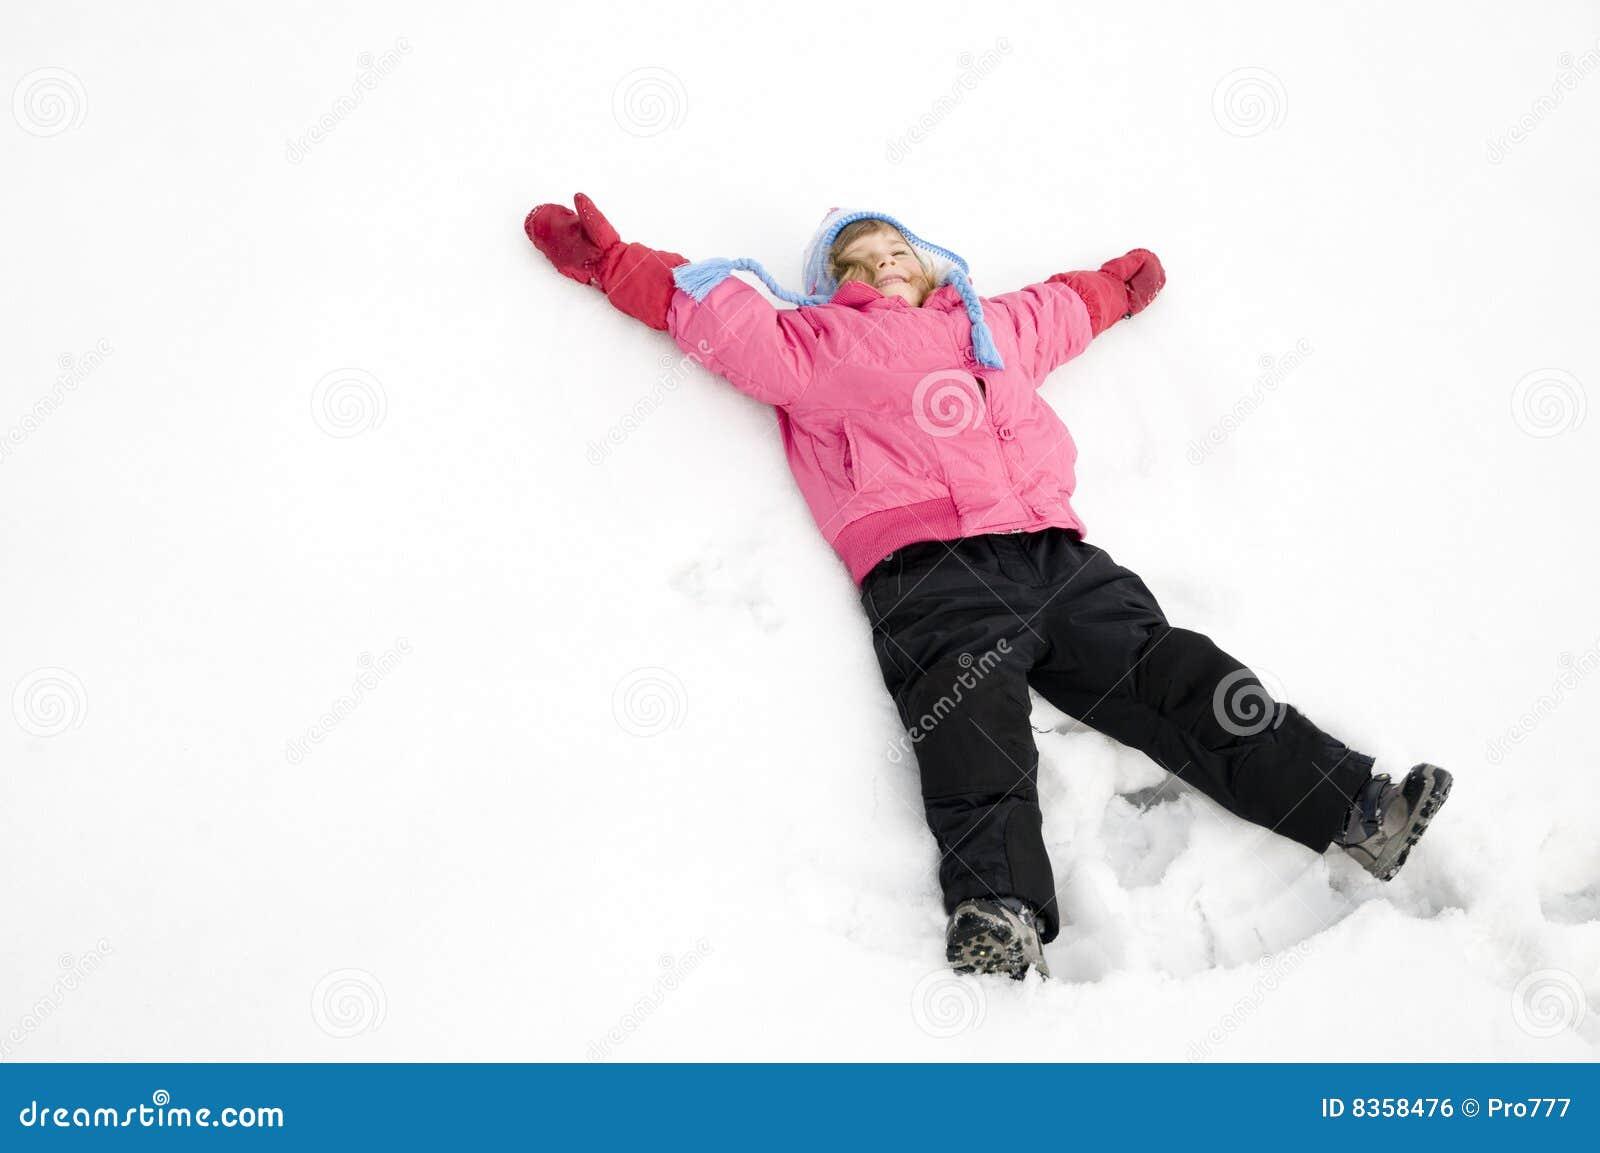 Leka snow